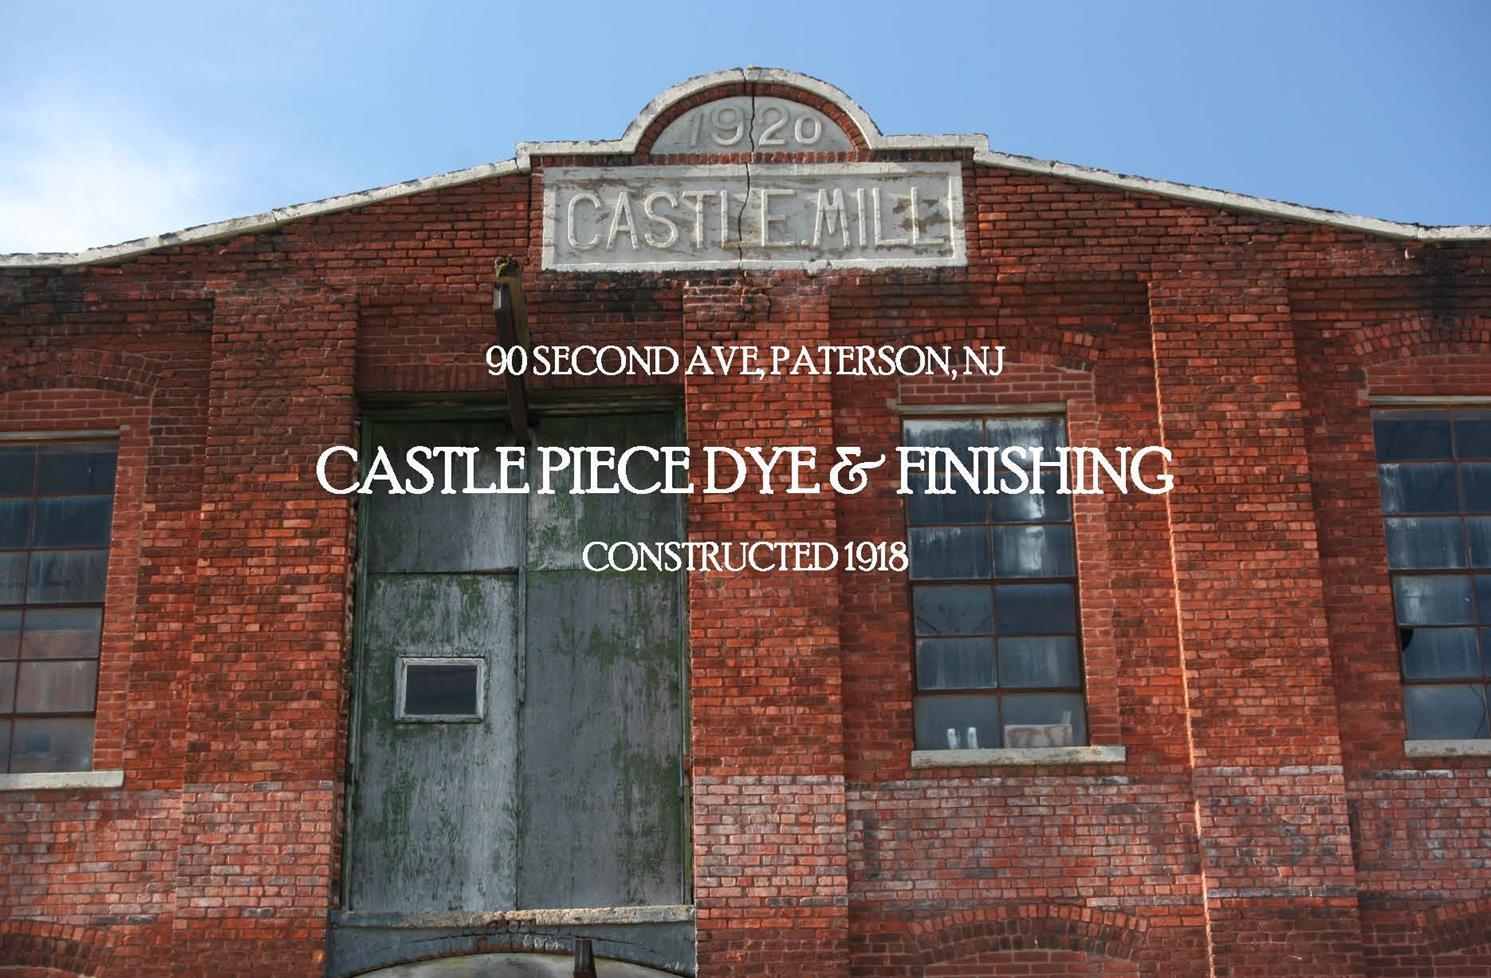 Castle Piece